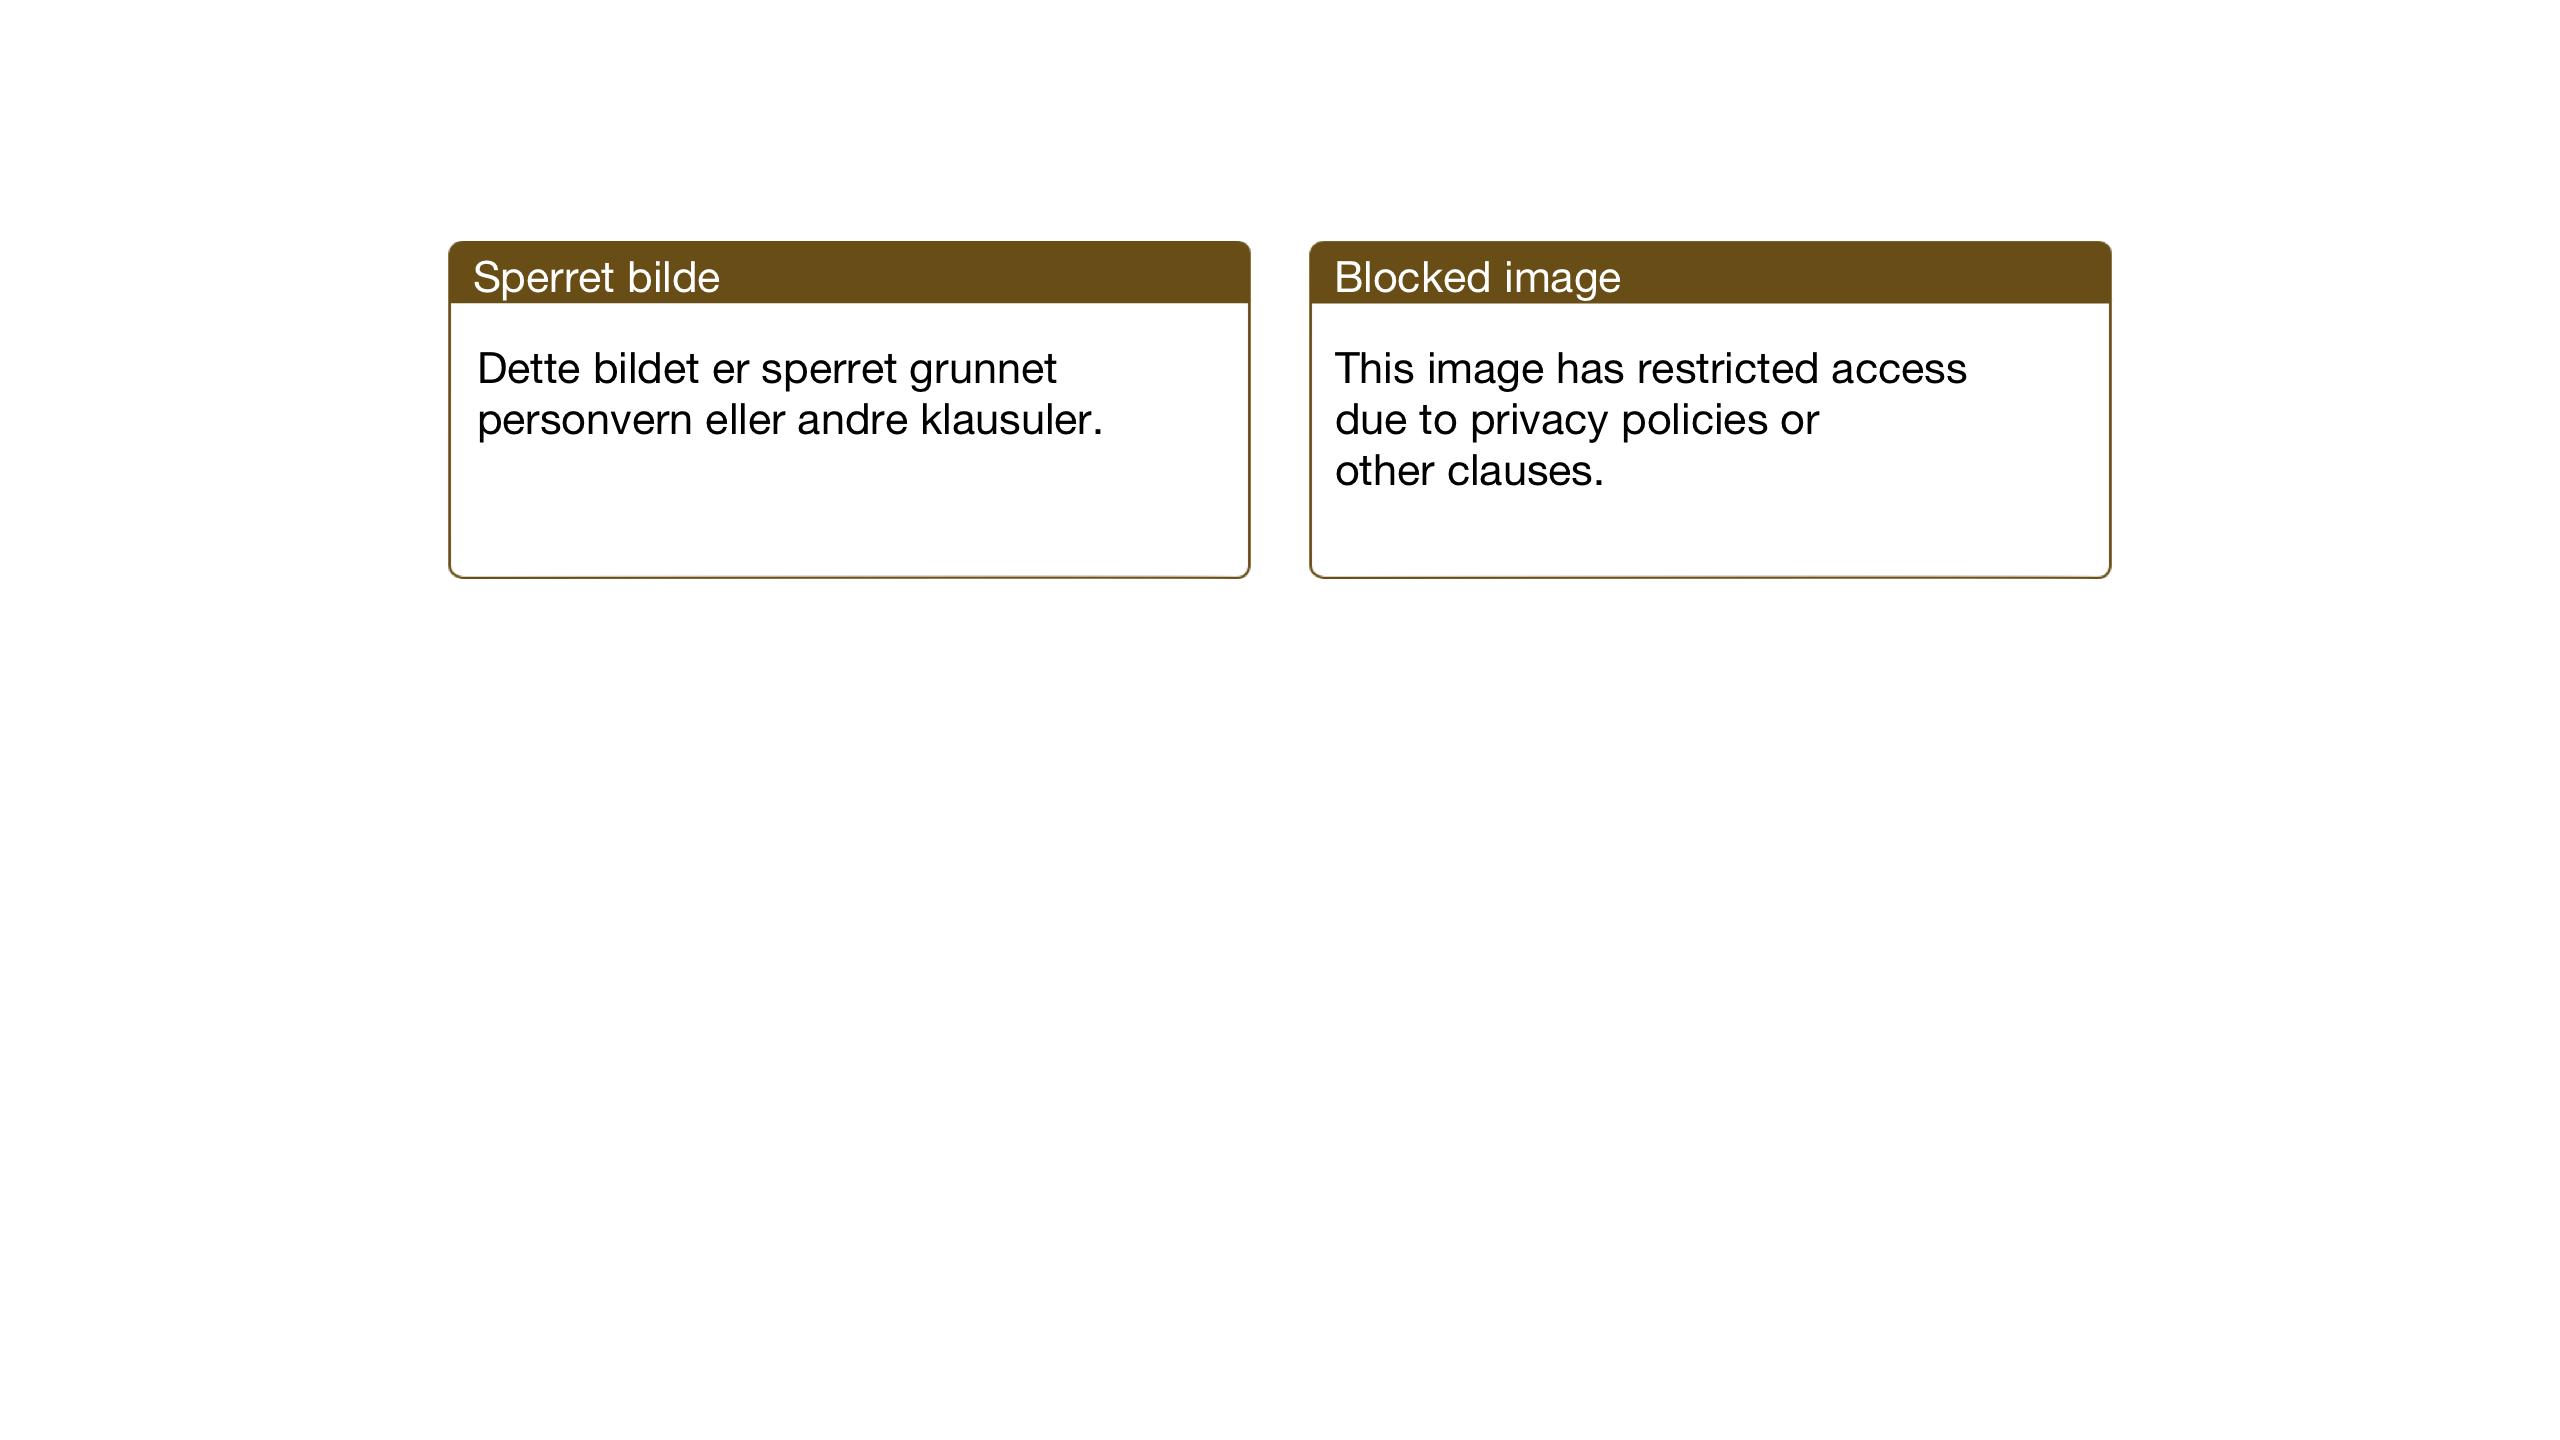 SAT, Ministerialprotokoller, klokkerbøker og fødselsregistre - Nord-Trøndelag, 709/L0089: Klokkerbok nr. 709C03, 1935-1948, s. 160